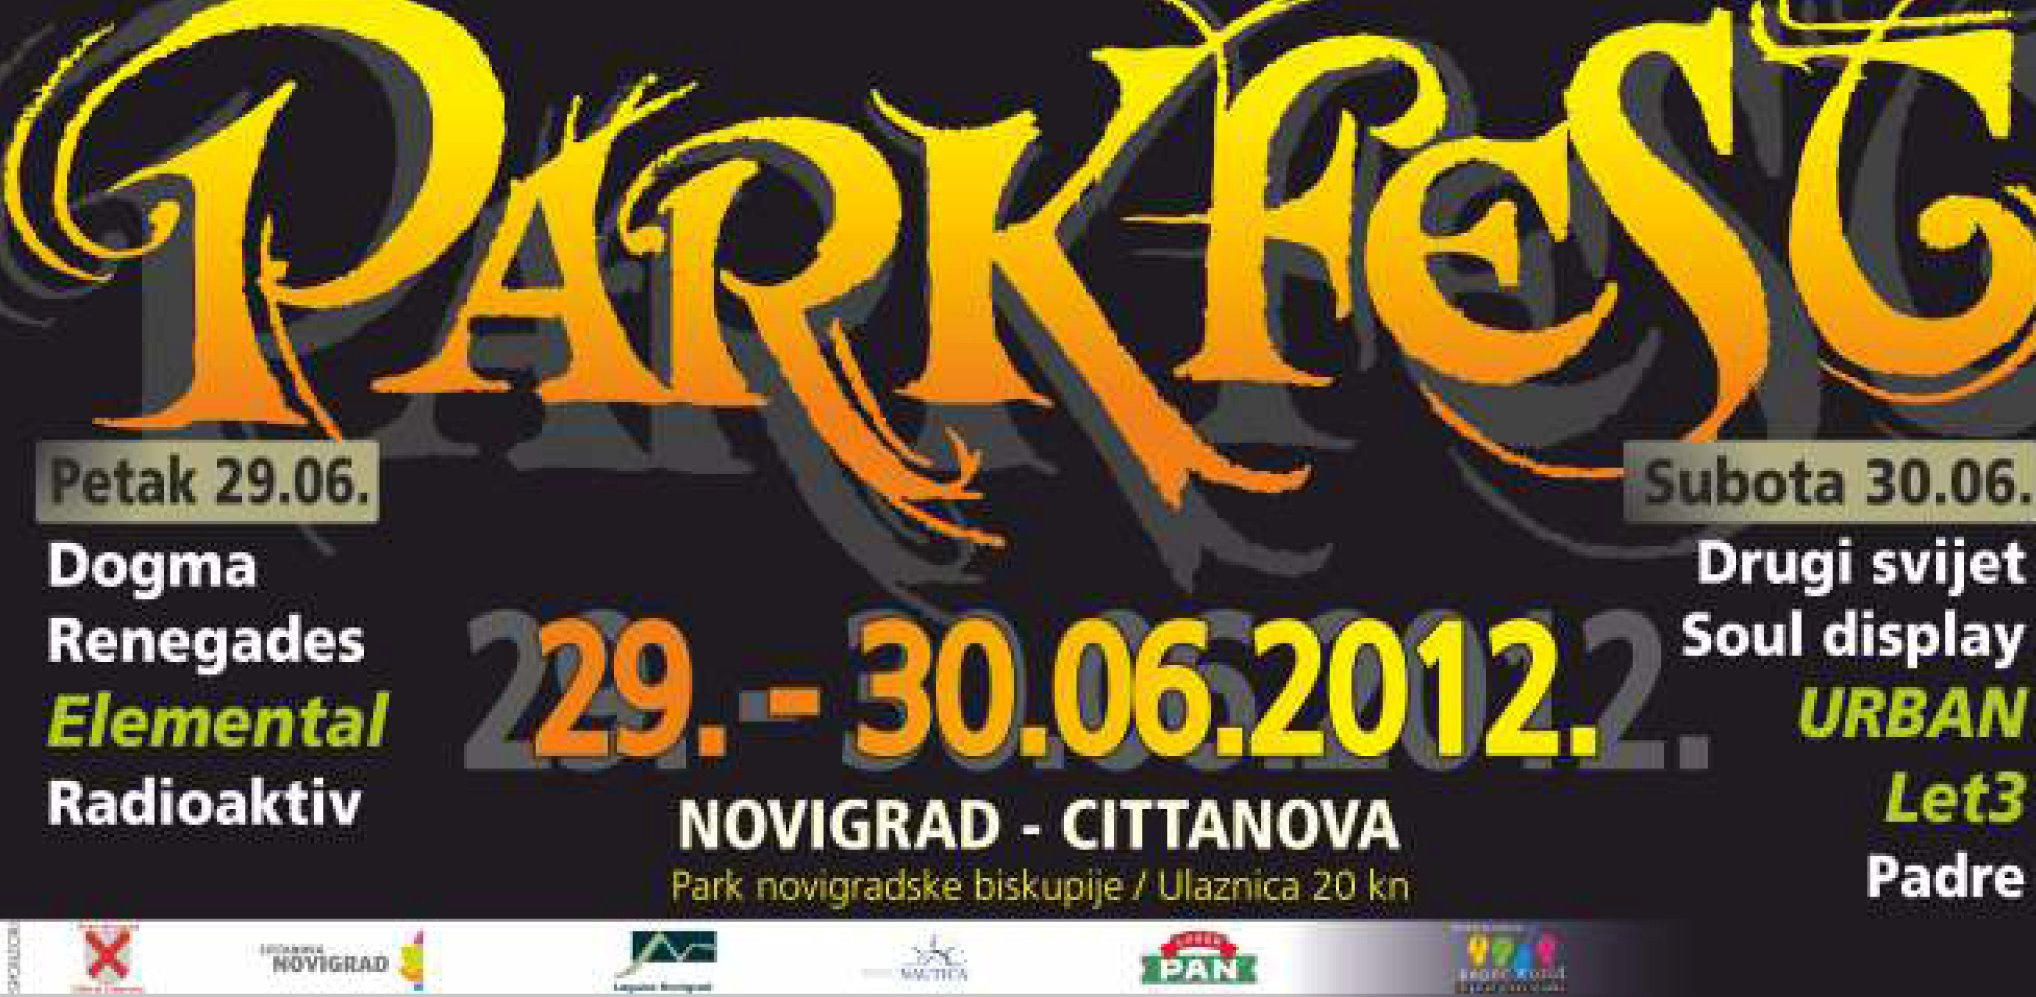 https://novigrad.hr/parkfest